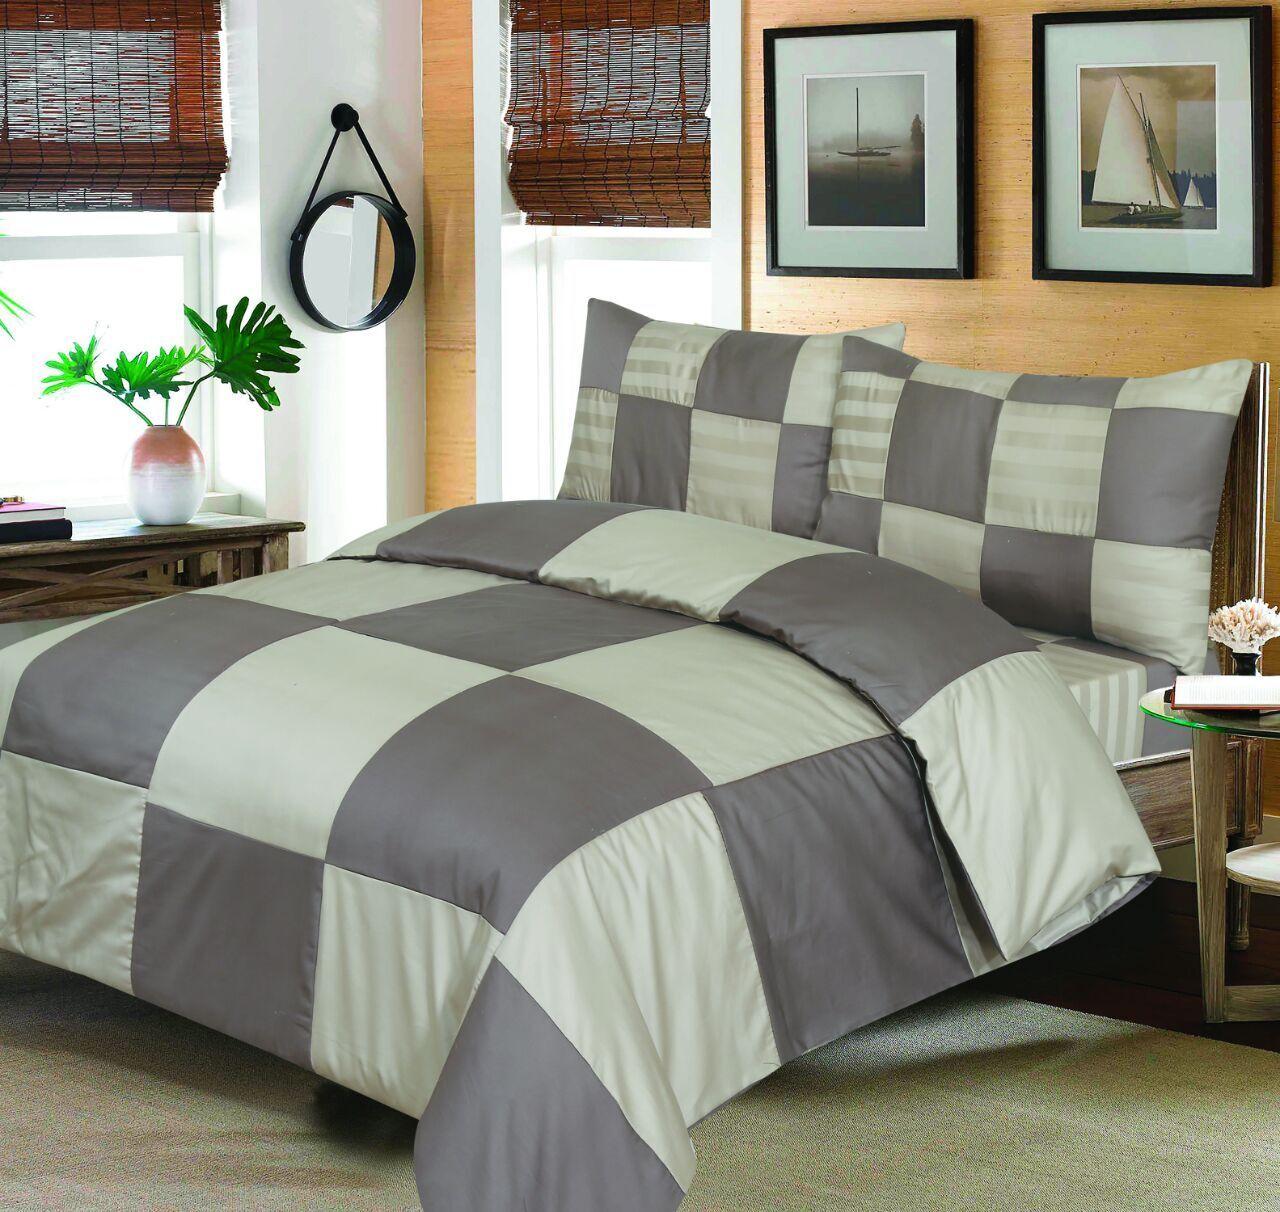 300TC, 100% Cotton Bedding set, complete duvet set pillow cases+sheet all sizes